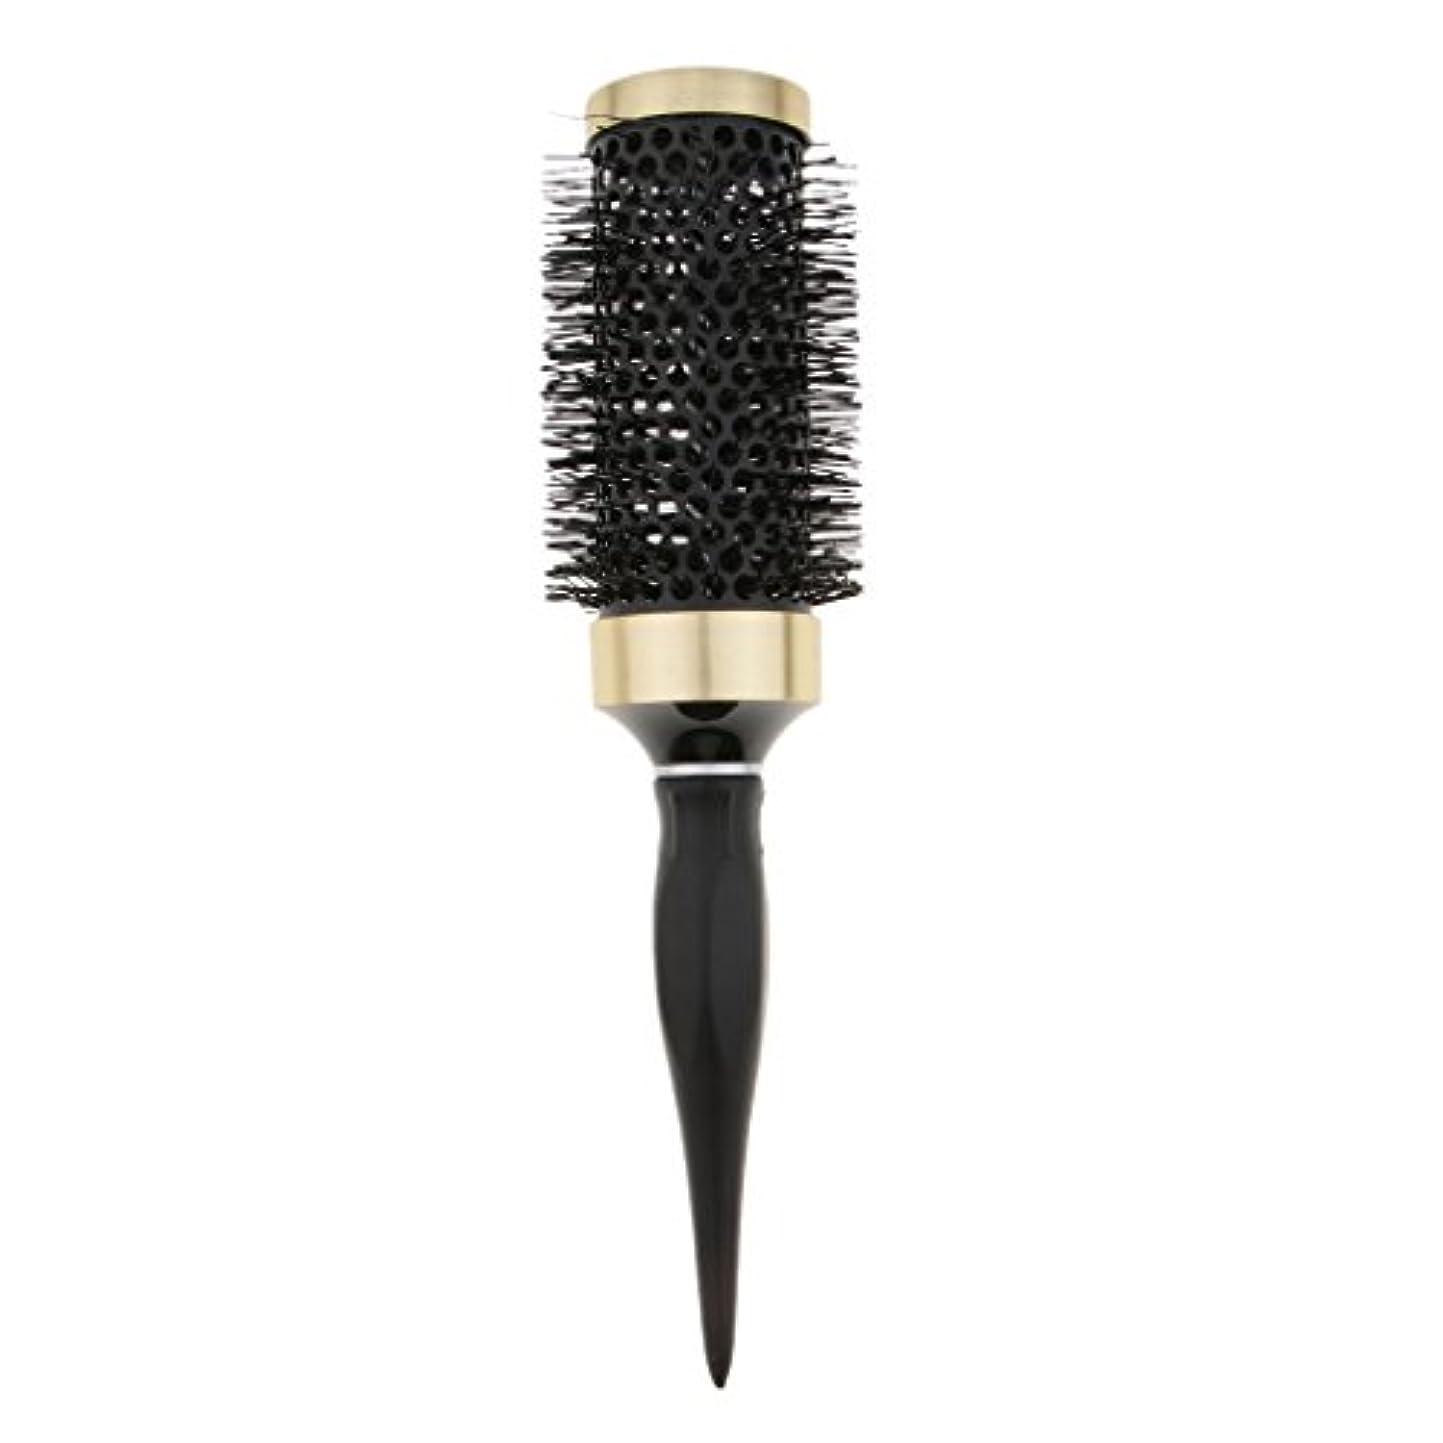 割り込み助けになる湿気の多いヘアブラシ 櫛 ロールブラシ ブロー カール 巻き髪 耐熱仕様 全5サイズ - 45mm